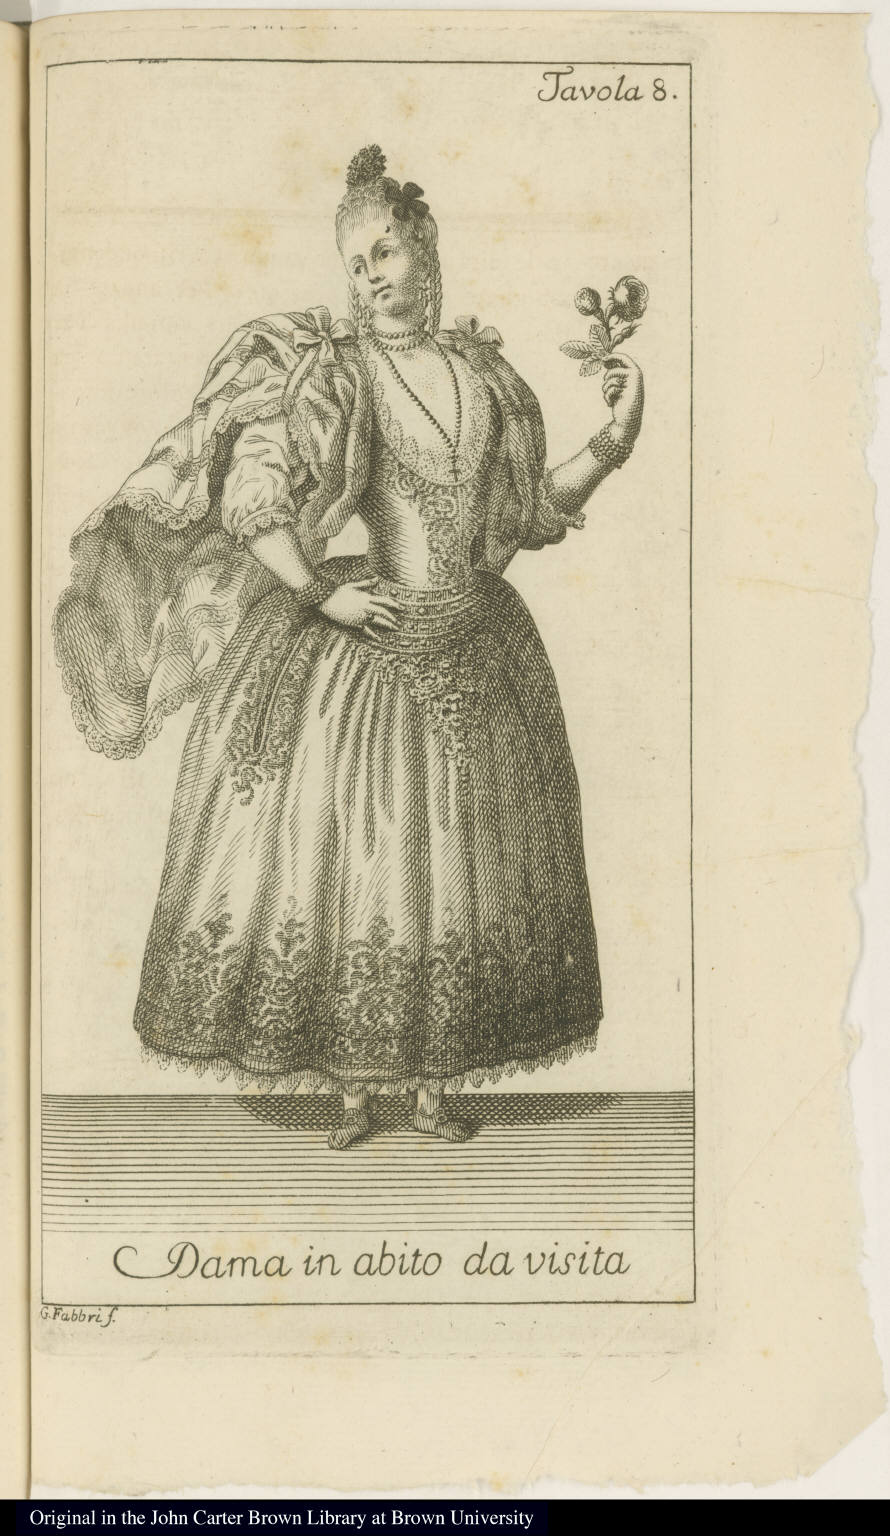 Dama in abito da visita